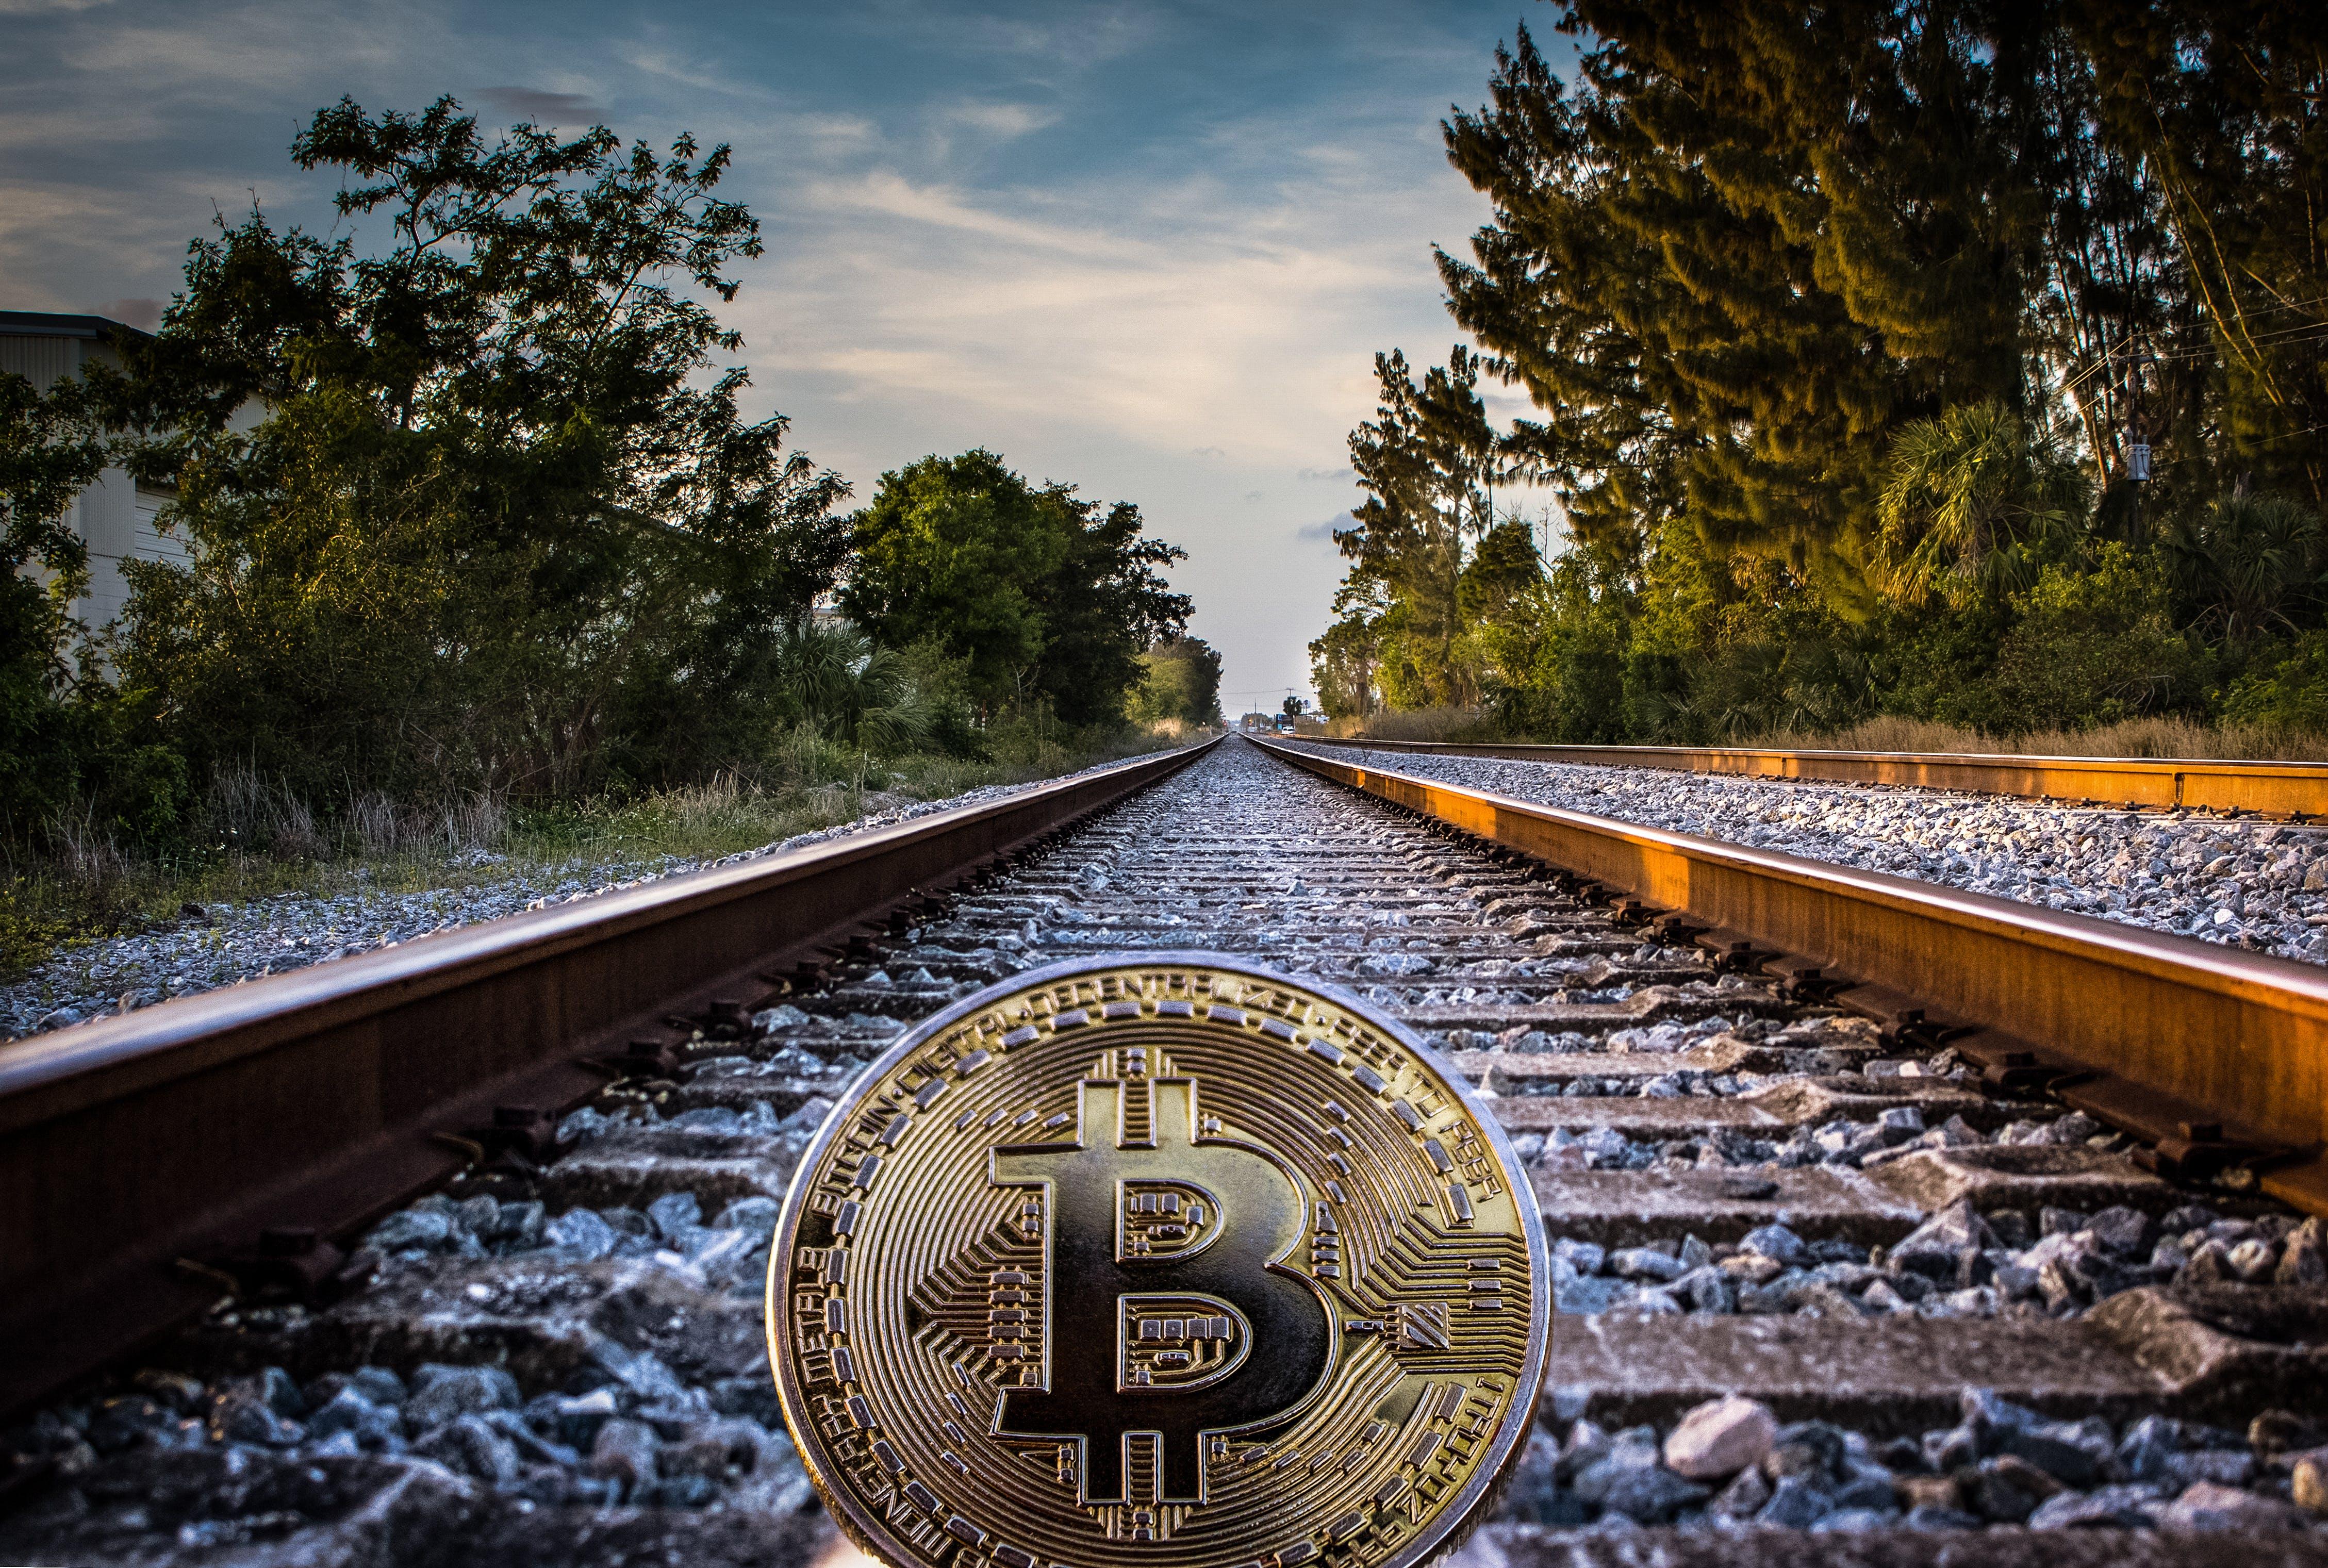 Gratis arkivbilde med bitcoin, dagslys, jern, jernbane